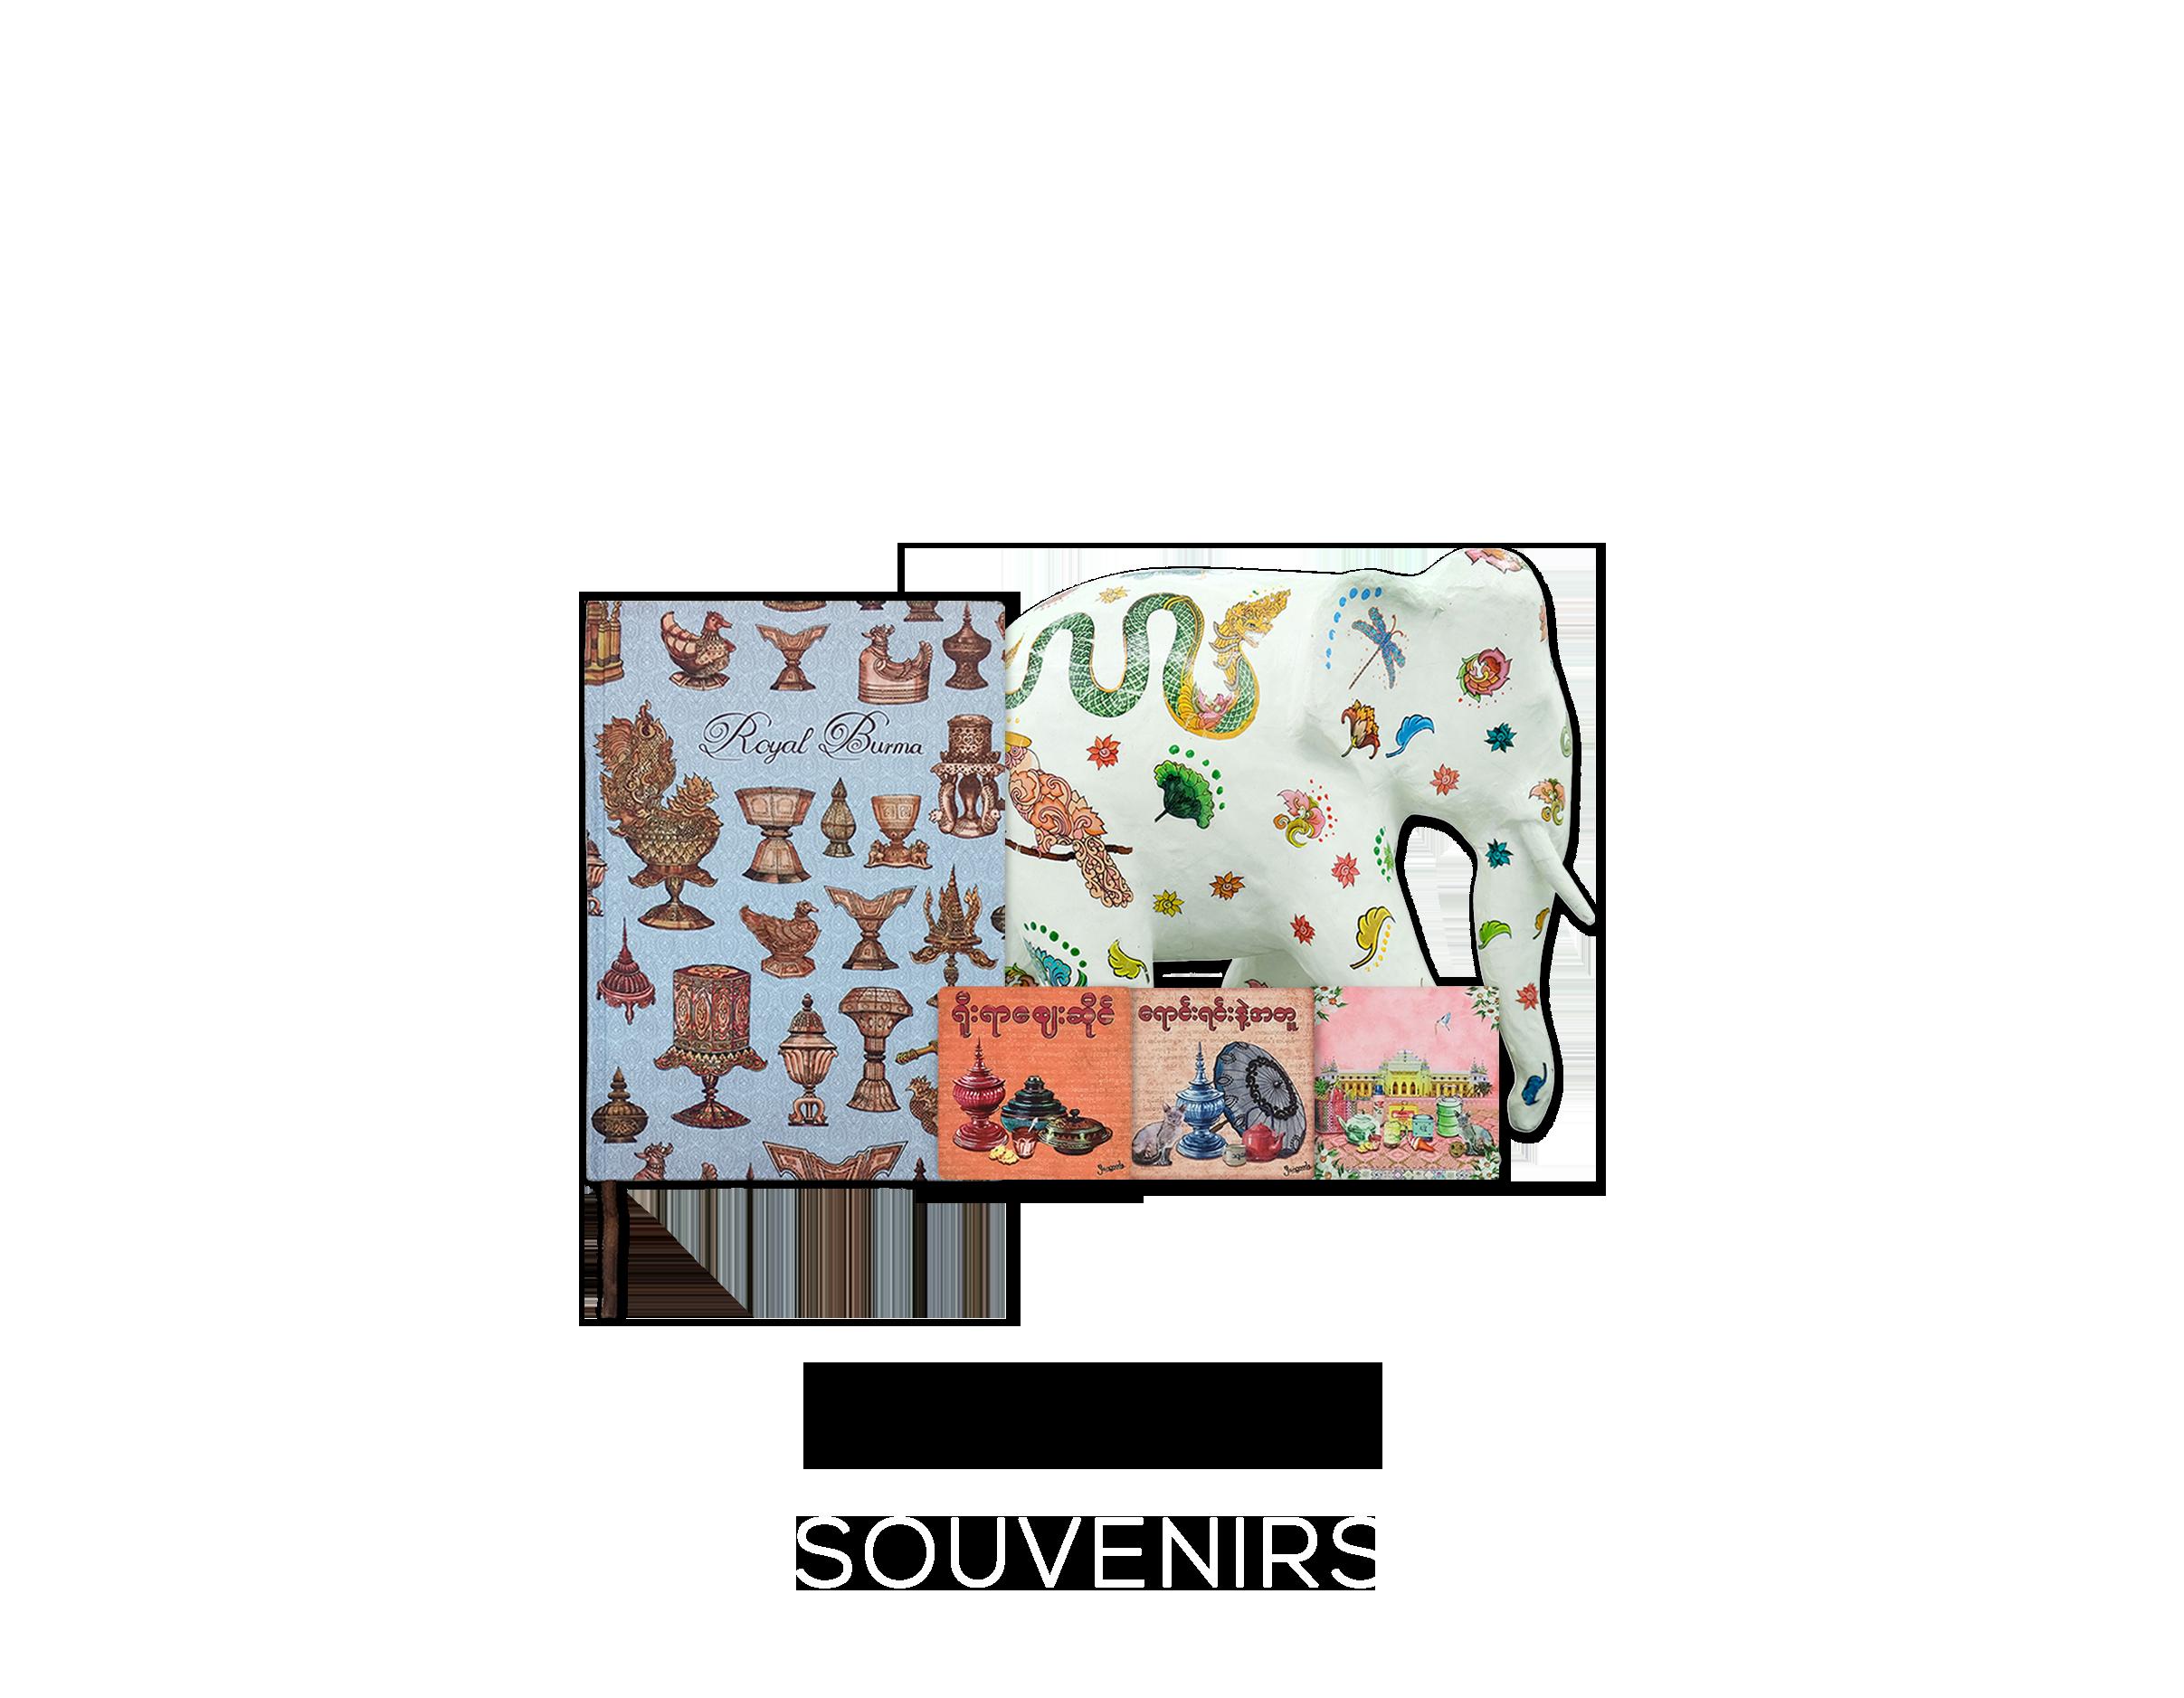 Souvenirs (FInal).png